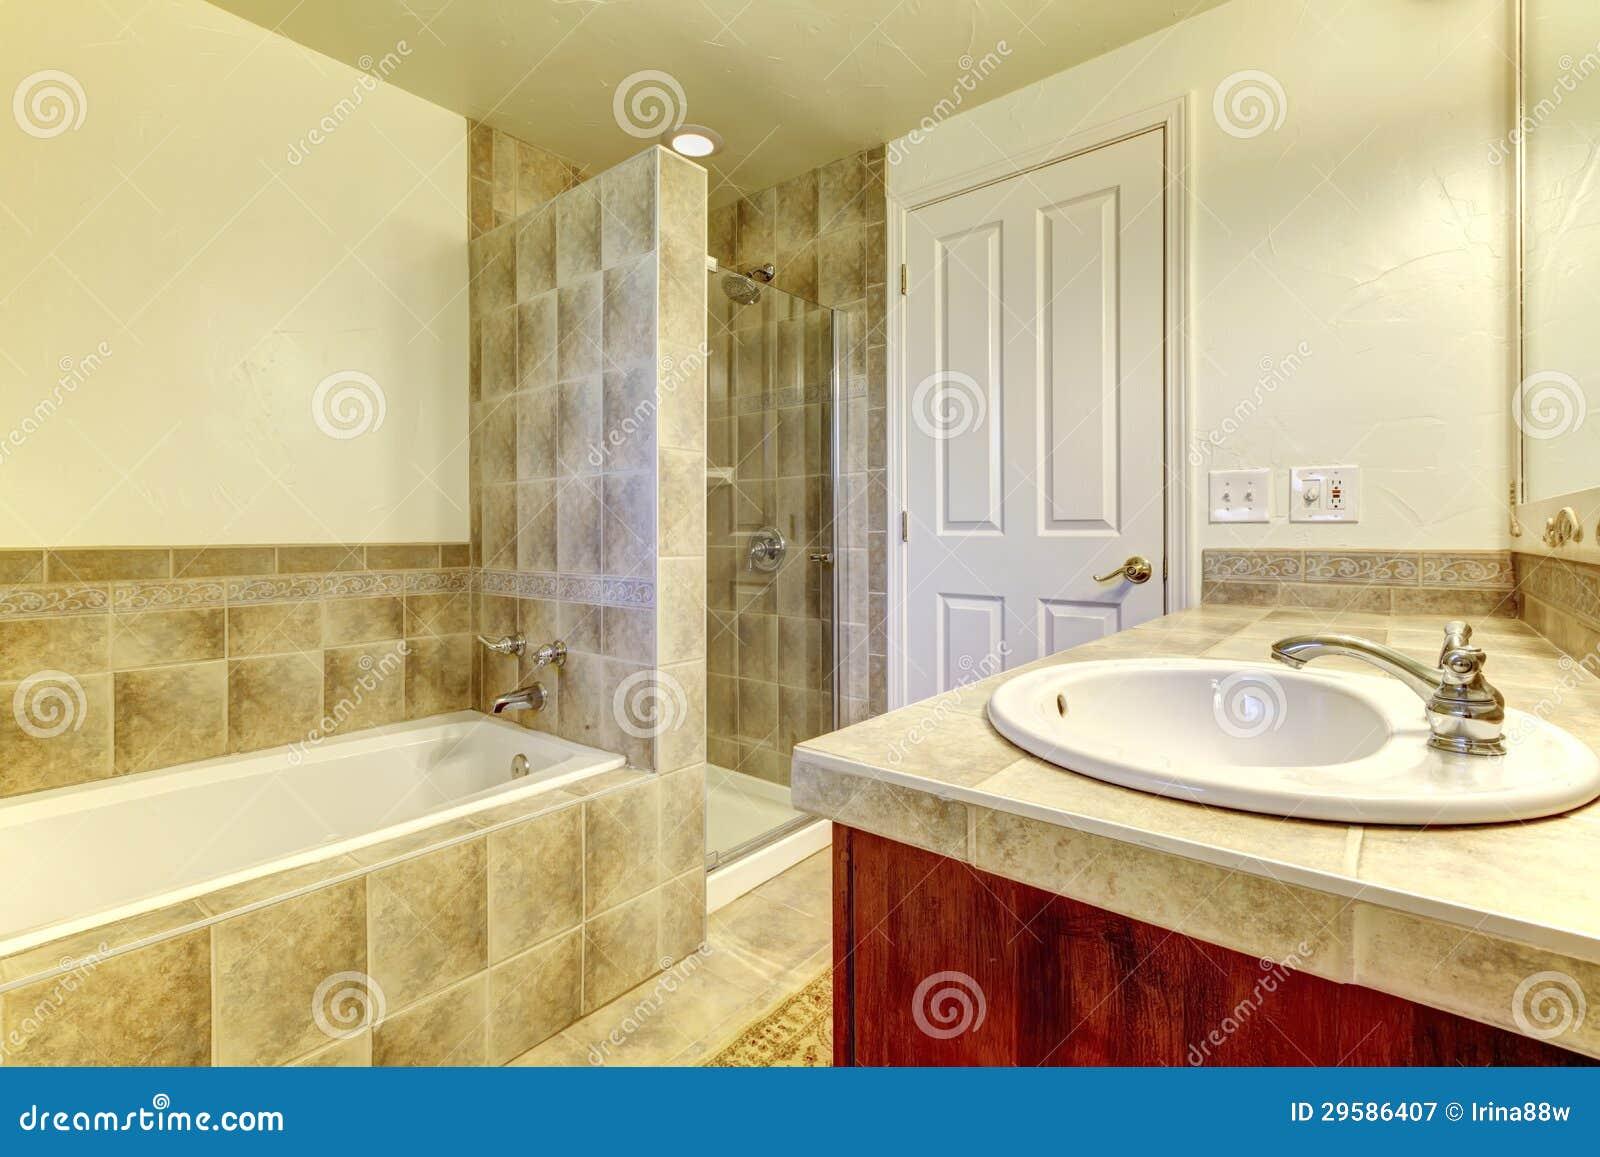 Free: Banheiro com cuba o chuveiro pequeno e os armários de madeira #410A08 1300 957